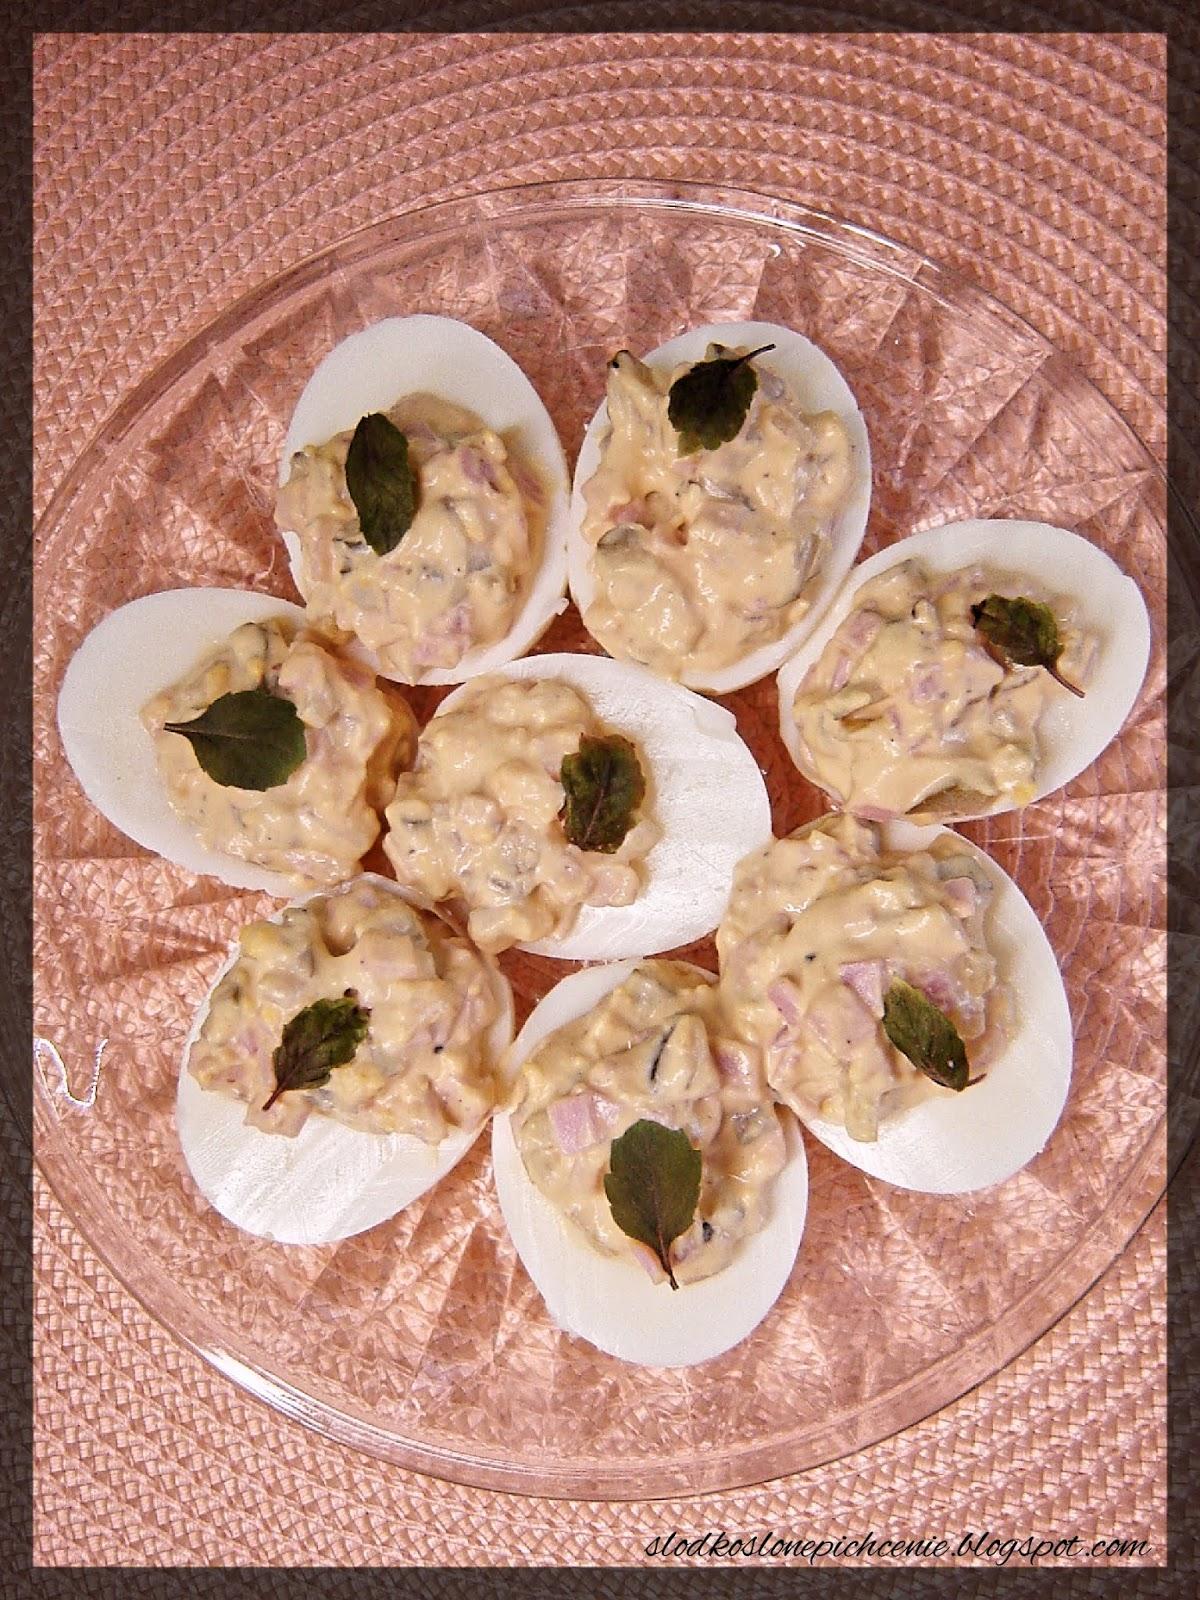 Jajka faszerowane ogórkiem konserwowym i szynką